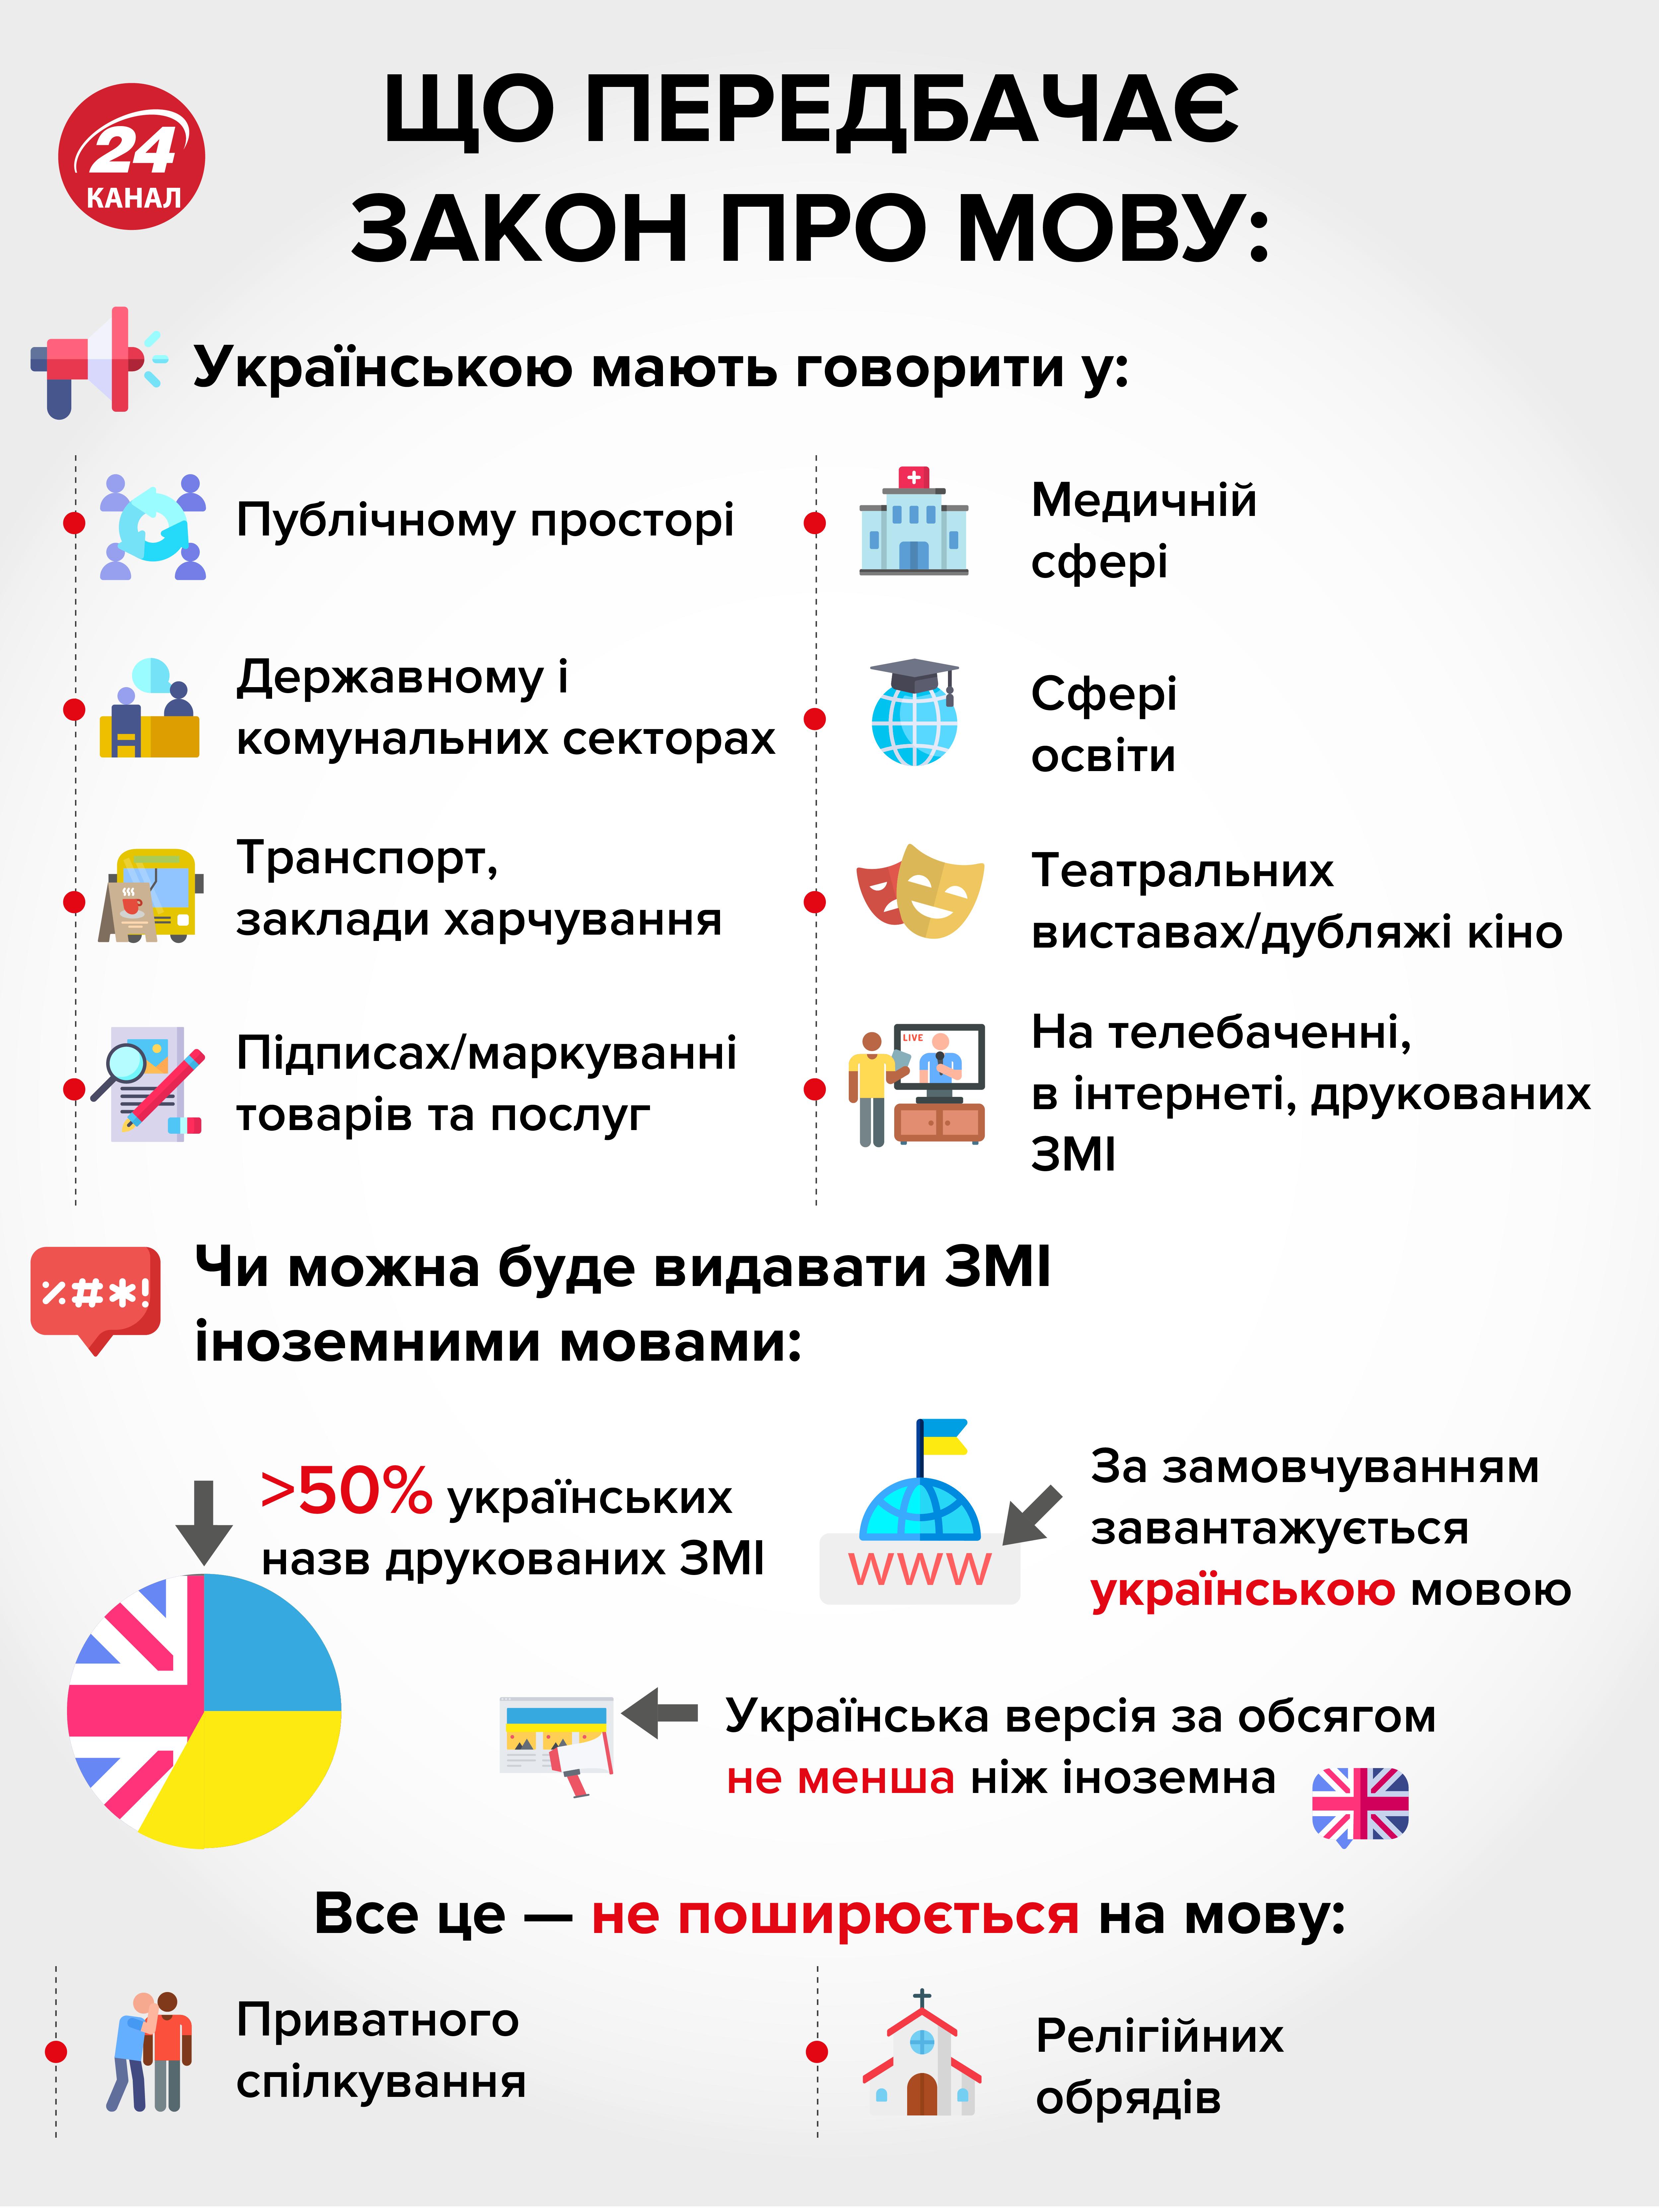 закон про державну мову закон про українську мову вимоги що передбачає закон тпро мову